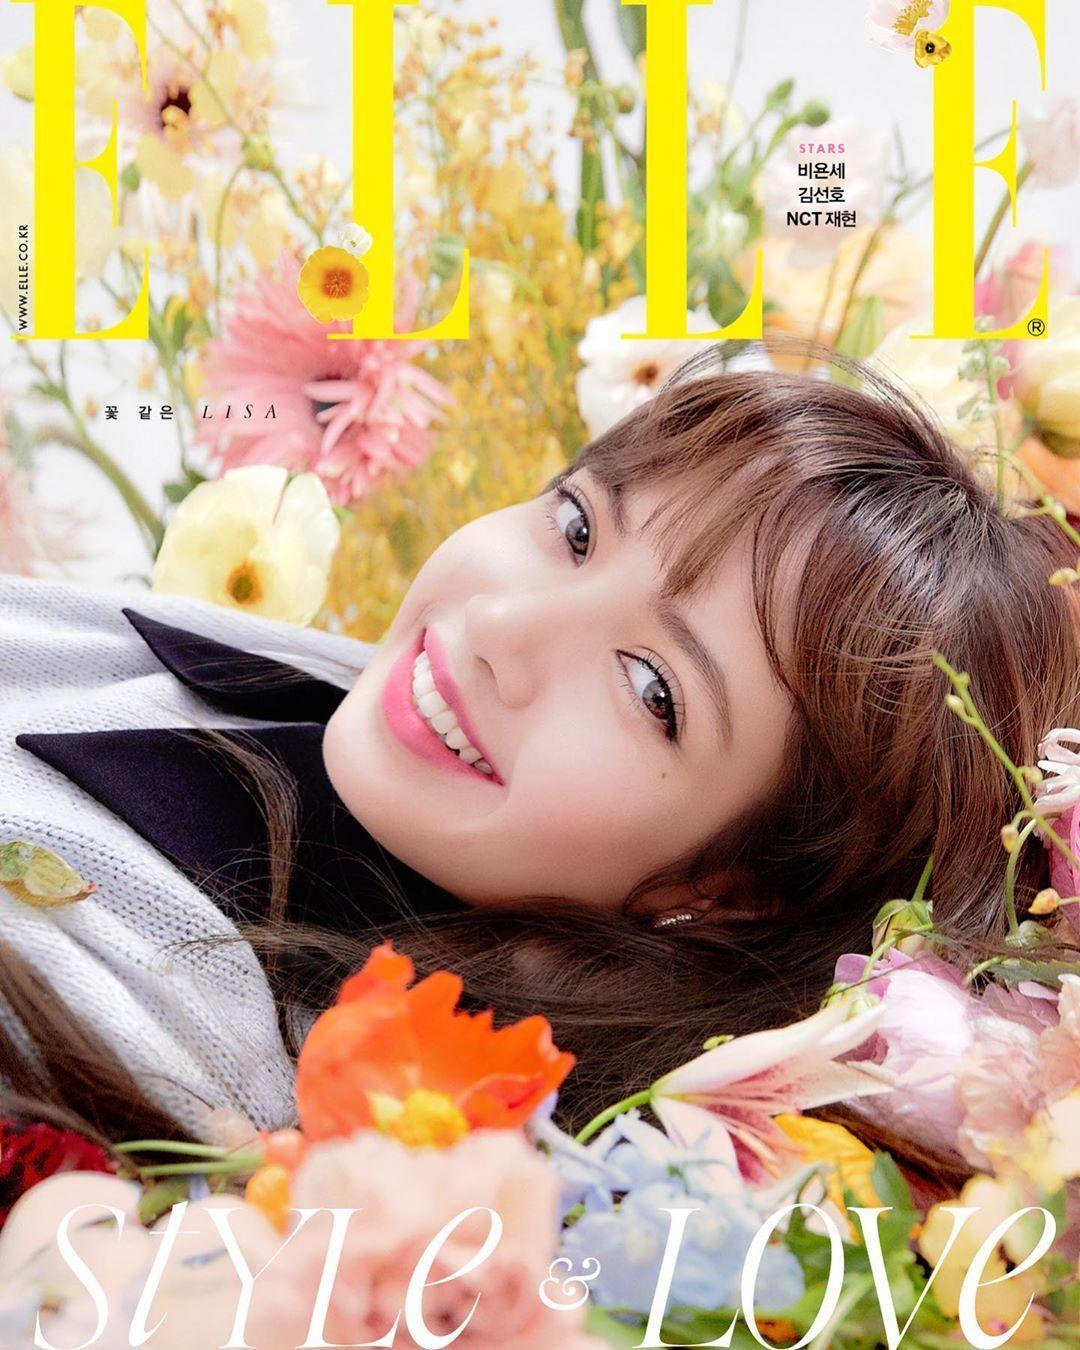 sao kpop BLACKPINK Lisa trên trang bìa tạp chí ELLE Korea 2020